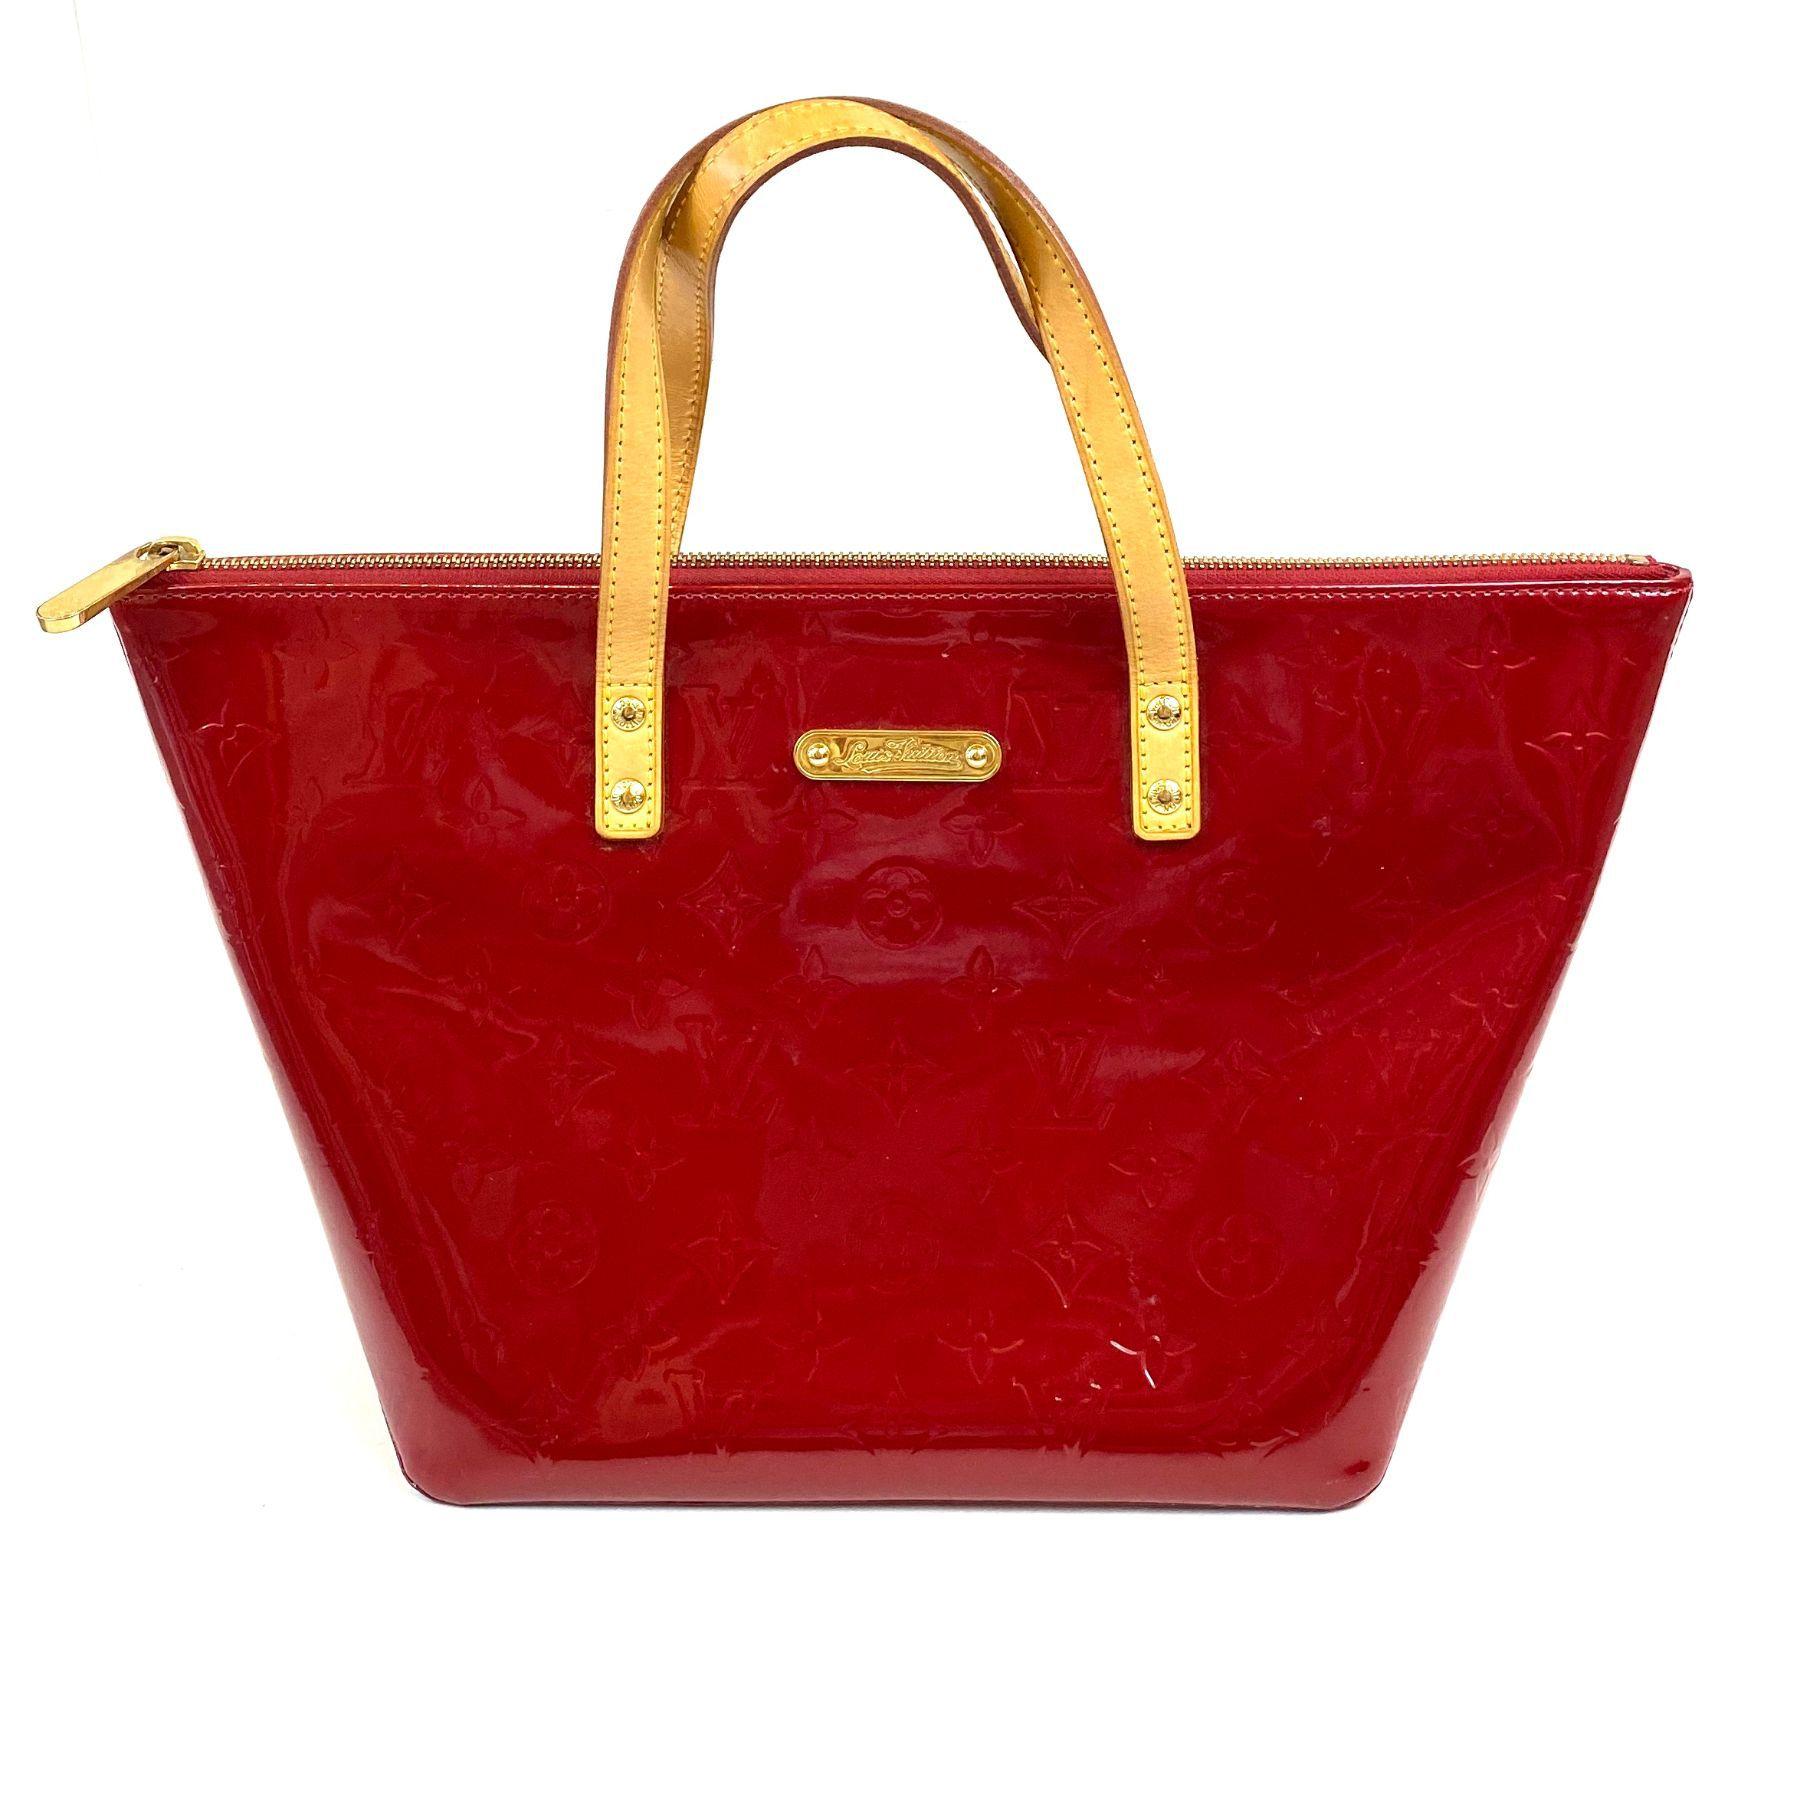 Bolsa Louis Vuitton Bellevue Verniz Vermelha